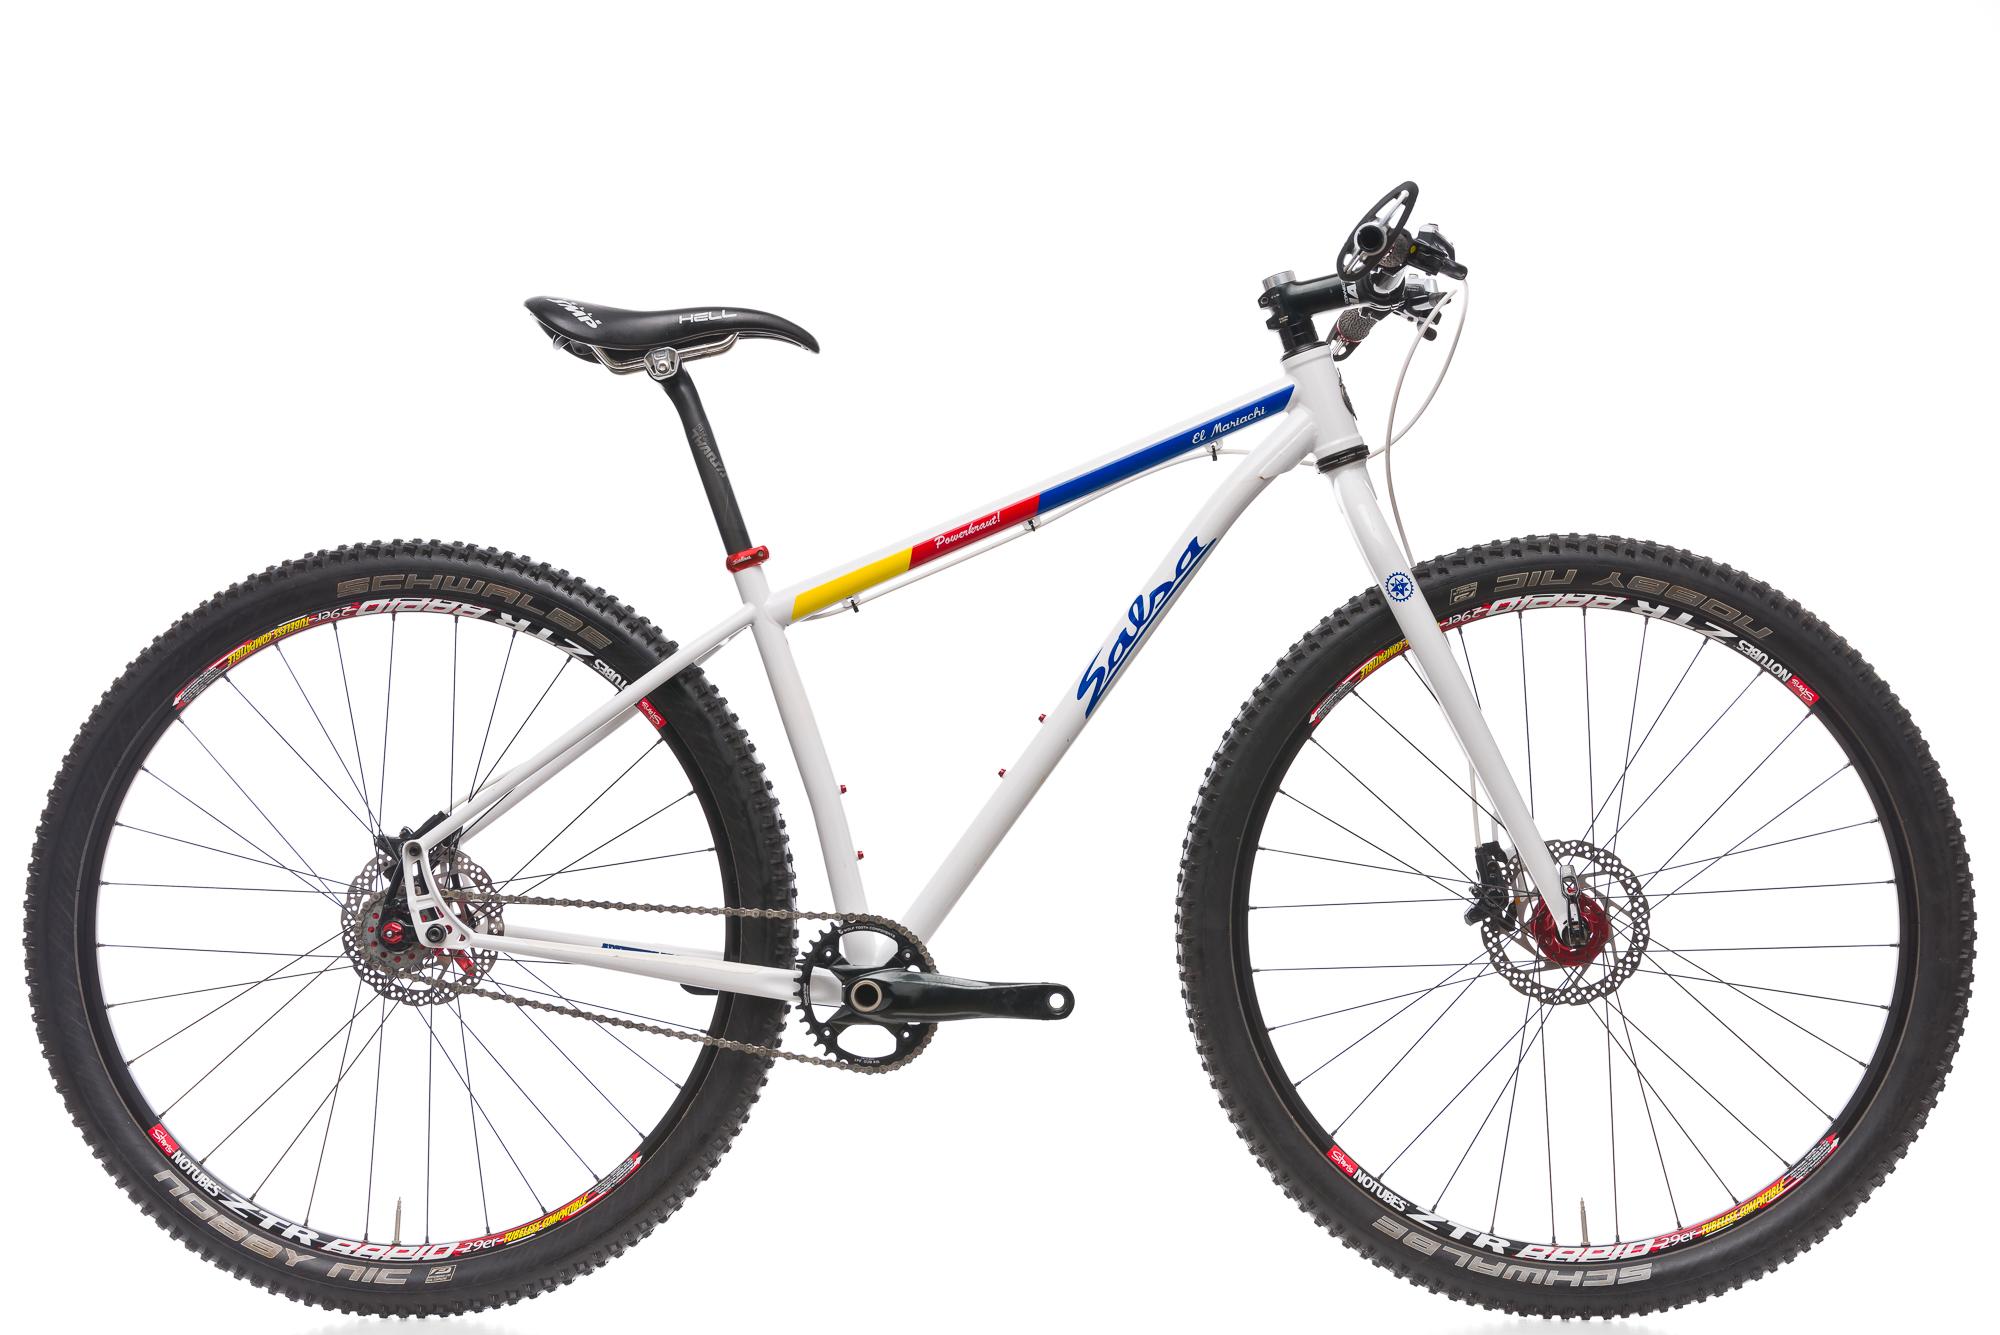 2014 Salsa Mariachi Una Velocidad Mountain Bike El 17 In Approx